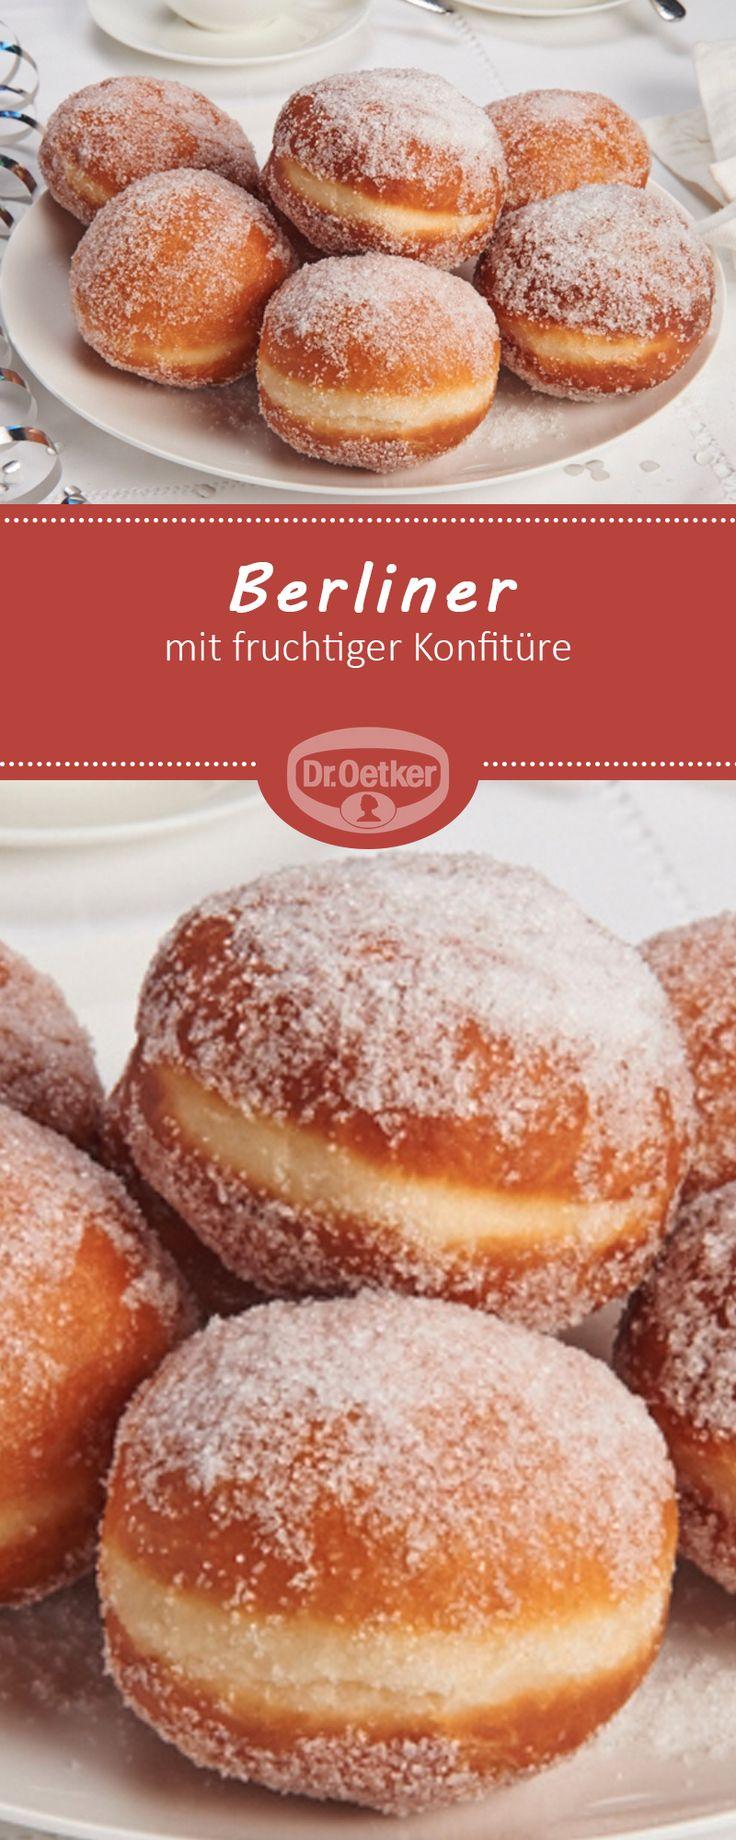 Berliner - Lockere Berliner gefüllt mit fruchtiger Konfitüre zu Silvester oder zum Karneval #rezept #lecker #party